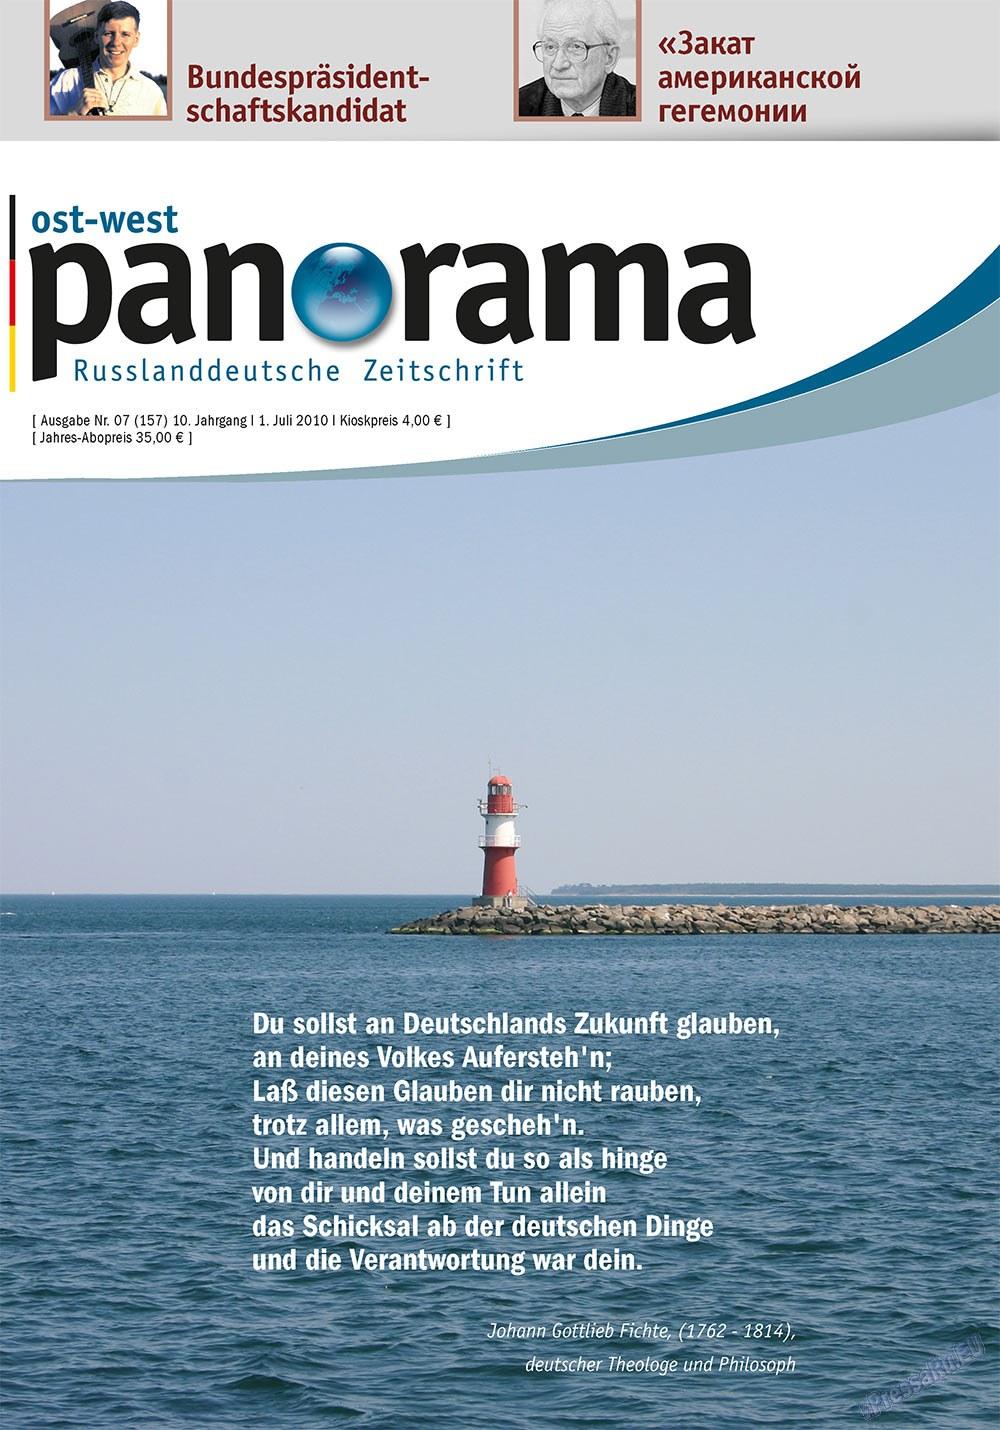 Ost-West Panorama (журнал). 2010 год, номер 7, стр. 1